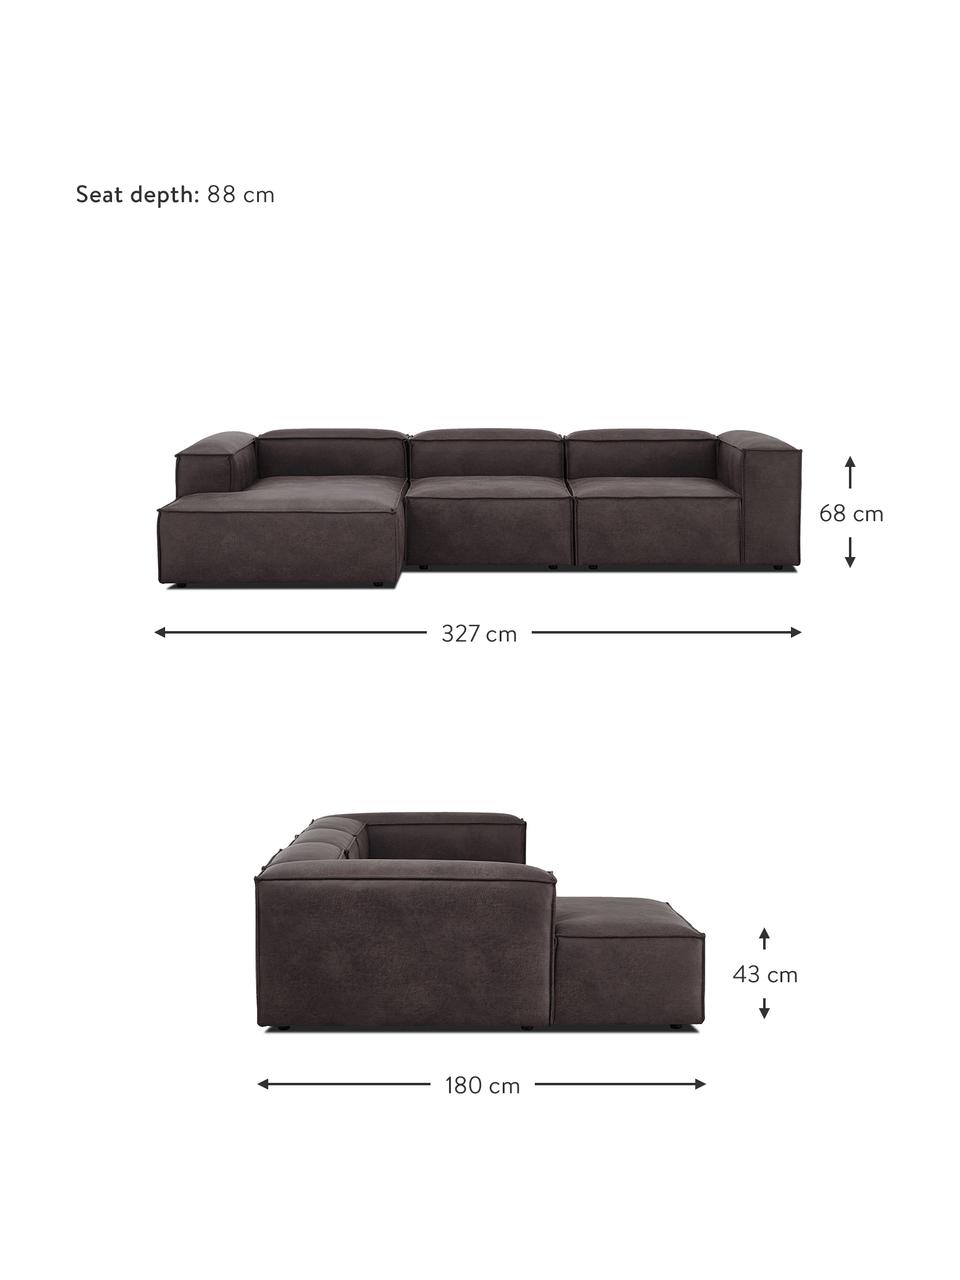 Narożna sofa modułowa ze skóry z recyklingu Lennon, Tapicerka: skóra pochodząca z recykl, Stelaż: lite drewno sosnowe, skle, Nogi: tworzywo sztuczne Nogi zn, Szary brązowy, S 327 x G 180 cm